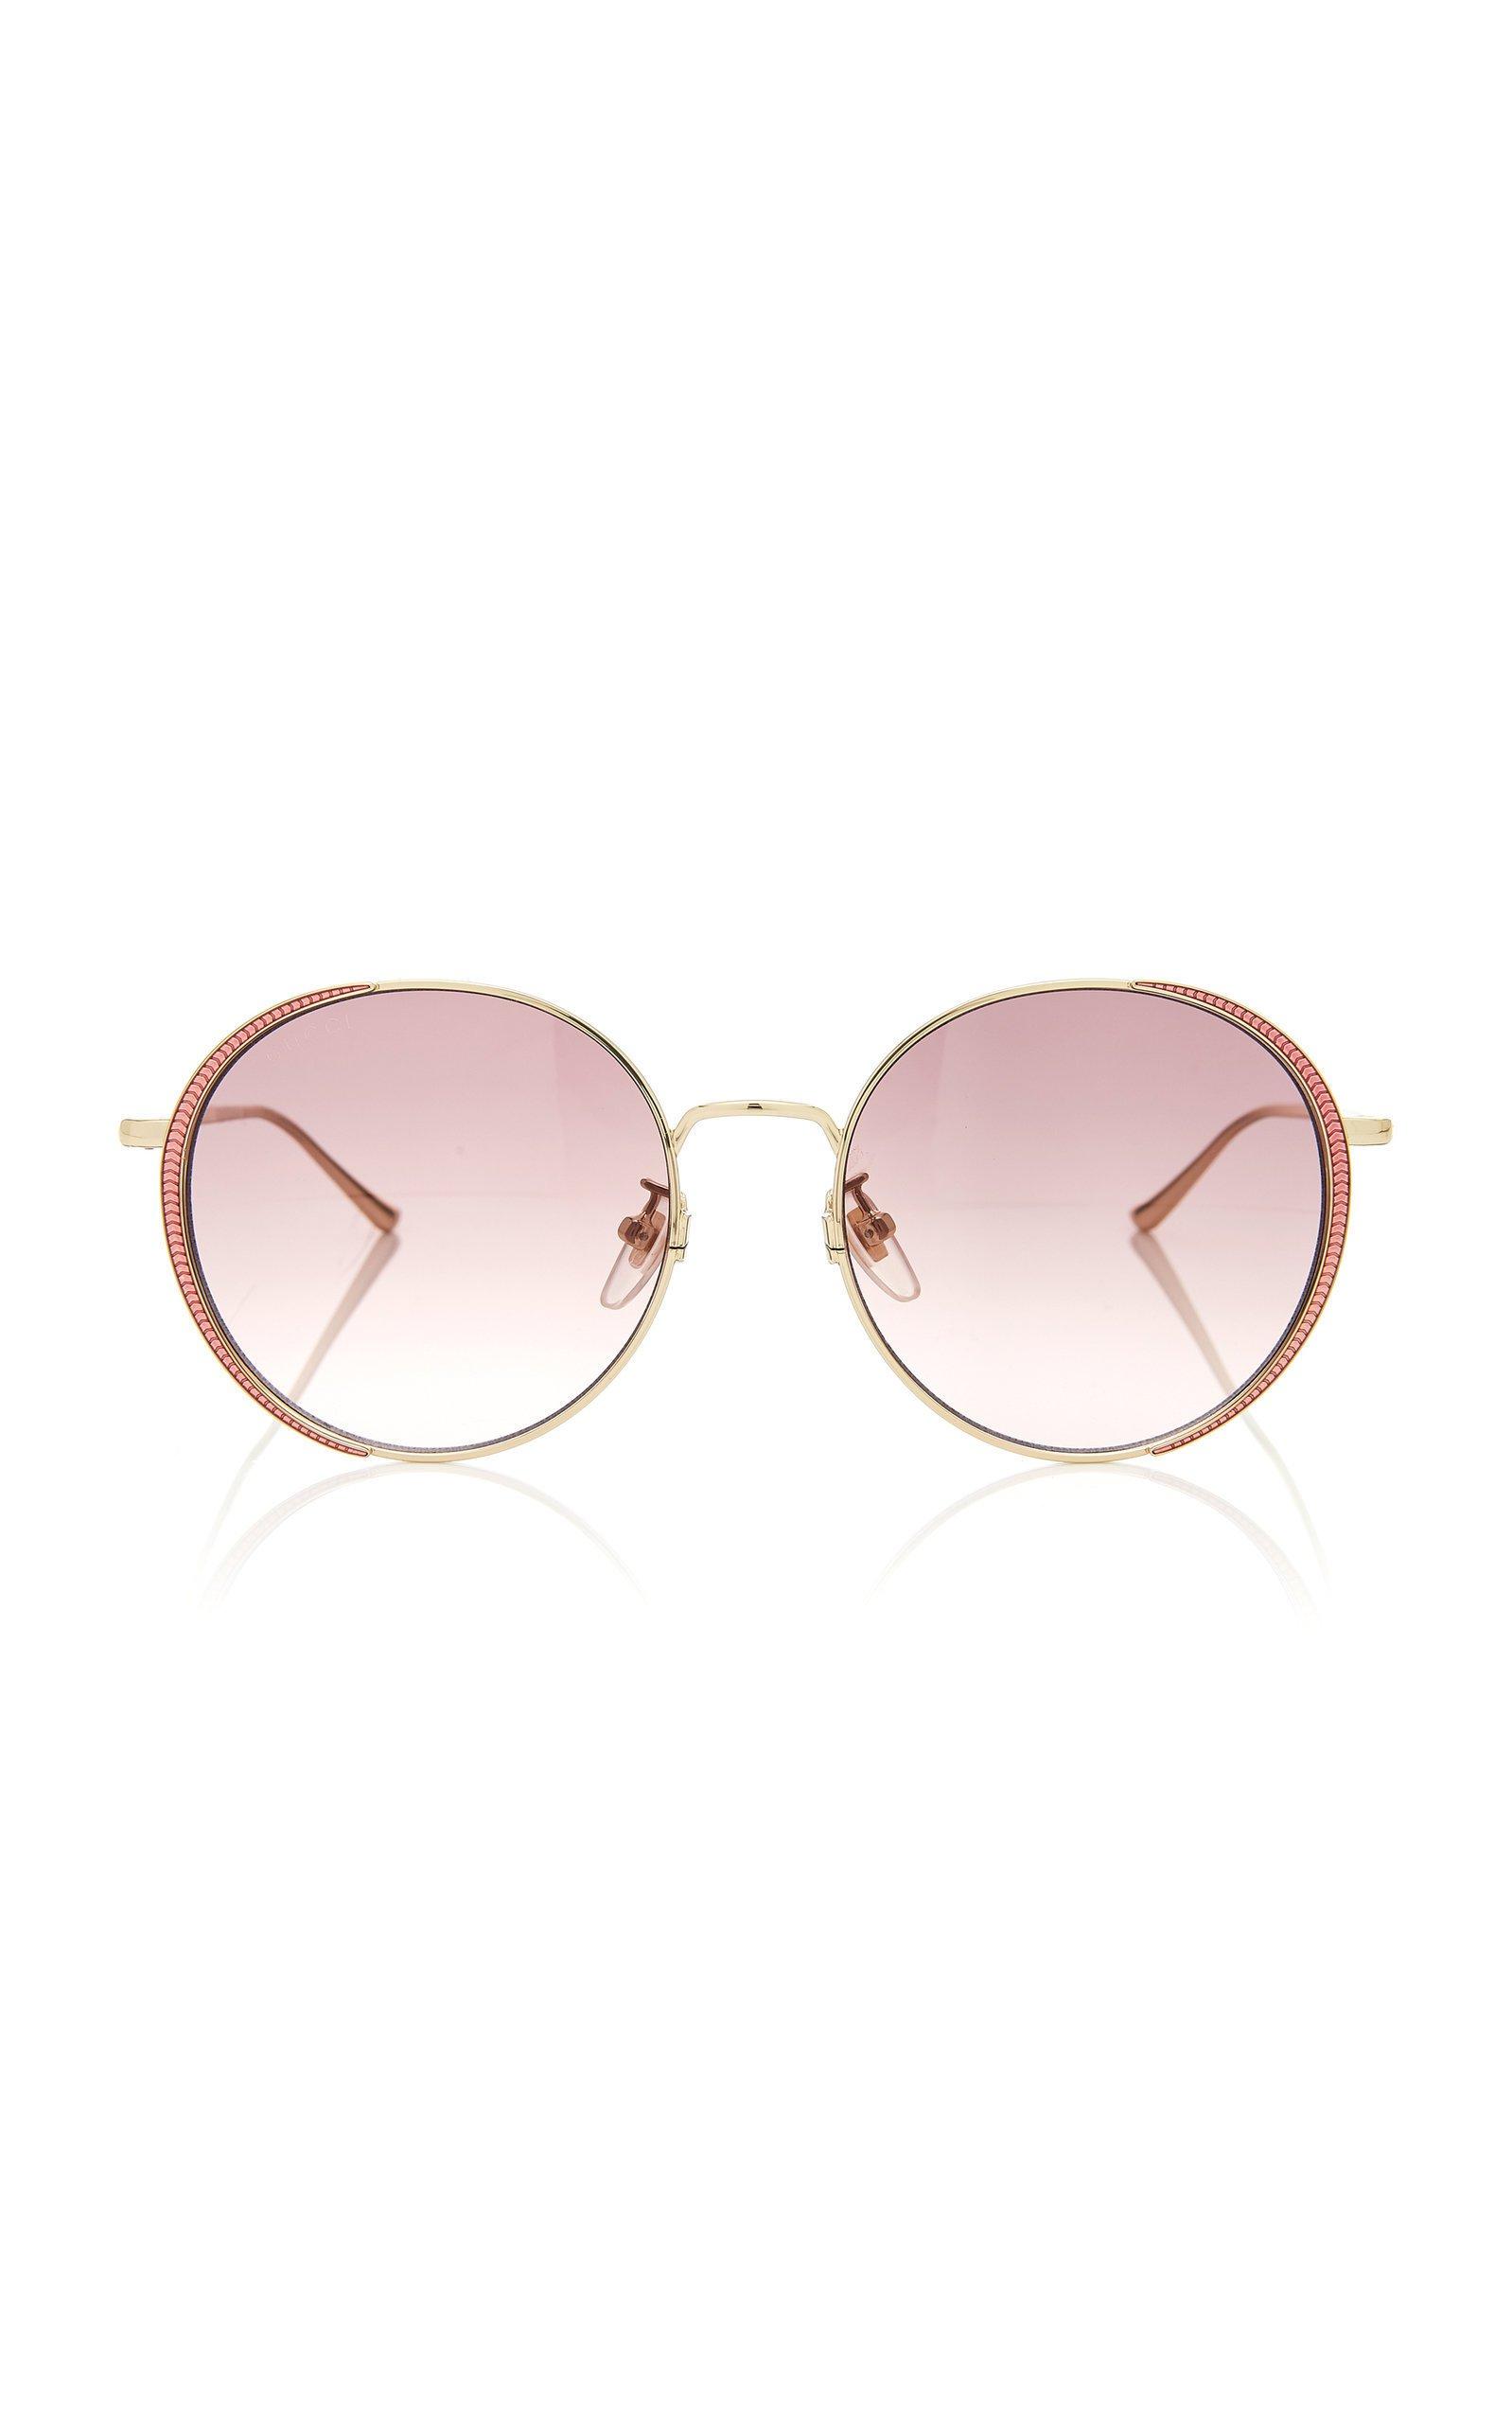 Gucci Sunglasses Guillochet Rounded Sunglasses